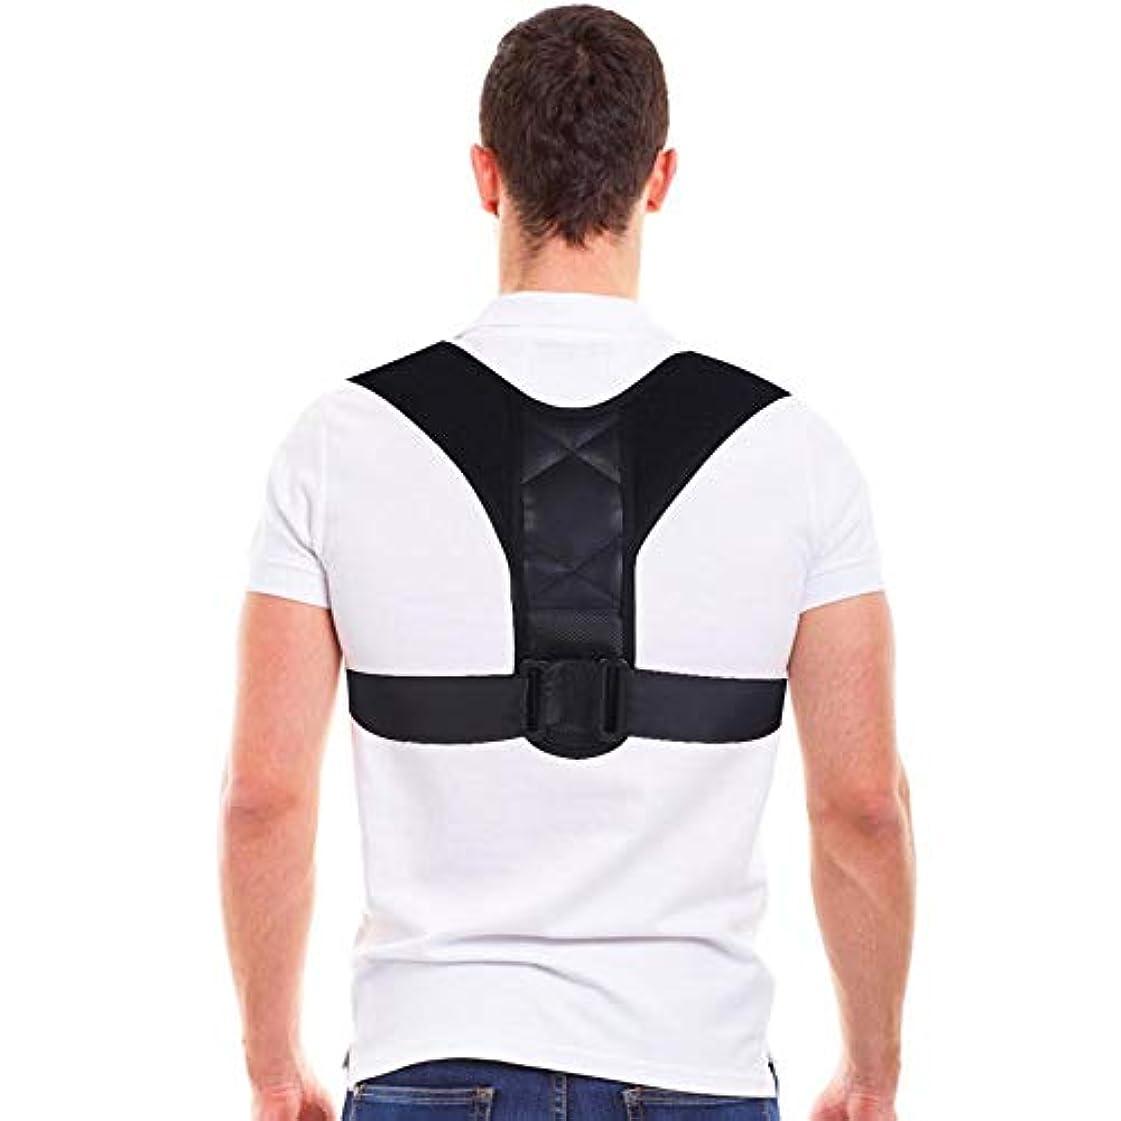 宿泊施設後継熟すコレクター姿勢バックサポートベルト、8字型デザインの調節可能な鎖骨装具バンド、男性と女性の姿勢、腰痛予防、腰痛予防